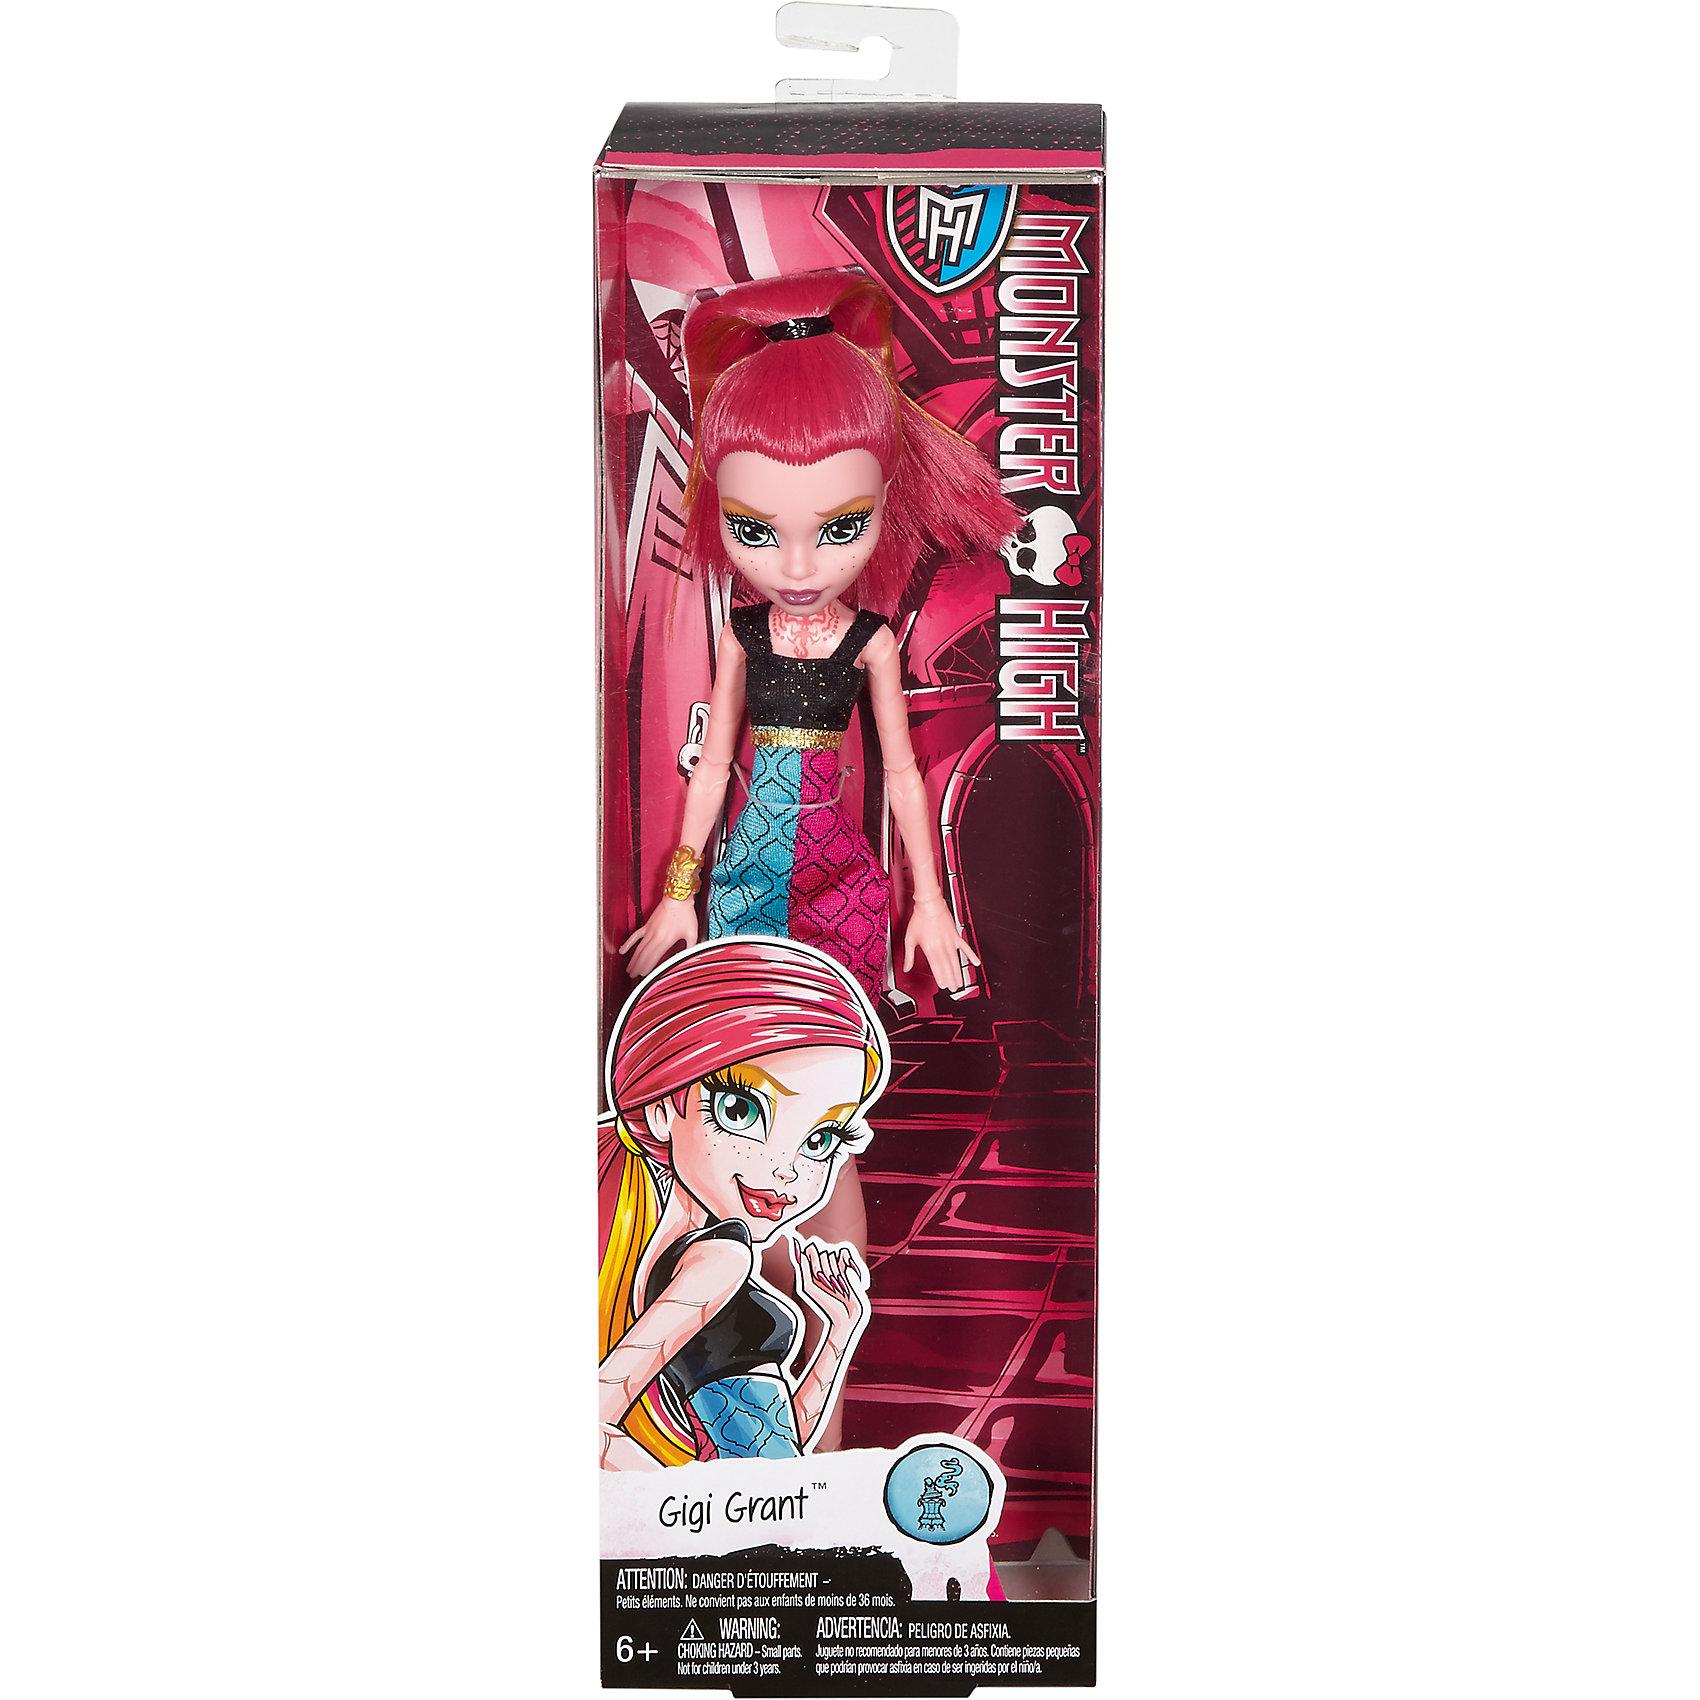 Базовая кукла Джиджи Грант Monster HighПопулярные игрушки<br>Базовая кукла Джиджи Грант Monster High – это отличный подарок для маленькой поклонницы школы Monster High!<br>Дочь могущественного джина из волшебной лампы – Джиджи Грант предстала перед нами в новом, скромном и стильном обличии. Она готова к занятиям в своей жуткой школе — и к леденящим кровь приключениям за ее пределами. Кукла одета в трехцветное платье с завышенной талией, на ногах - умопомрачительные желтые туфли с загнутыми носами и на огромном каблуке. Тщательно продуманный образ дополняют яркие желтые браслеты и татуировка скорпиона на шее. Ее кожа на руках и ногах покрыта складками, как у скорпиона. У куклы броский макияж: тени золотисто-голубого цвета, губы окрашены в малиновый цвет. Ярко-розовые шикарные волосы с золотыми прядками собранные в высокий хвост можно расчесывать. В коленях игрушки находятся шарнирные механизмы, благодаря чему у куклы двигаются и сгибаются ноги. Локтевых шарниров нет. Кукла изготовлена из качественного, безопасного для детей материала.<br><br>Дополнительная информация:<br><br>- В комплекте: кукла; аксессуары<br>- Высота куклы: 26 см.<br>- Материал: пластик, текстиль<br><br>Базовую куклу Джиджи Грант Monster High можно купить в нашем интернет-магазине.<br><br>Ширина мм: 60<br>Глубина мм: 105<br>Высота мм: 330<br>Вес г: 238<br>Возраст от месяцев: 72<br>Возраст до месяцев: 144<br>Пол: Женский<br>Возраст: Детский<br>SKU: 4753059